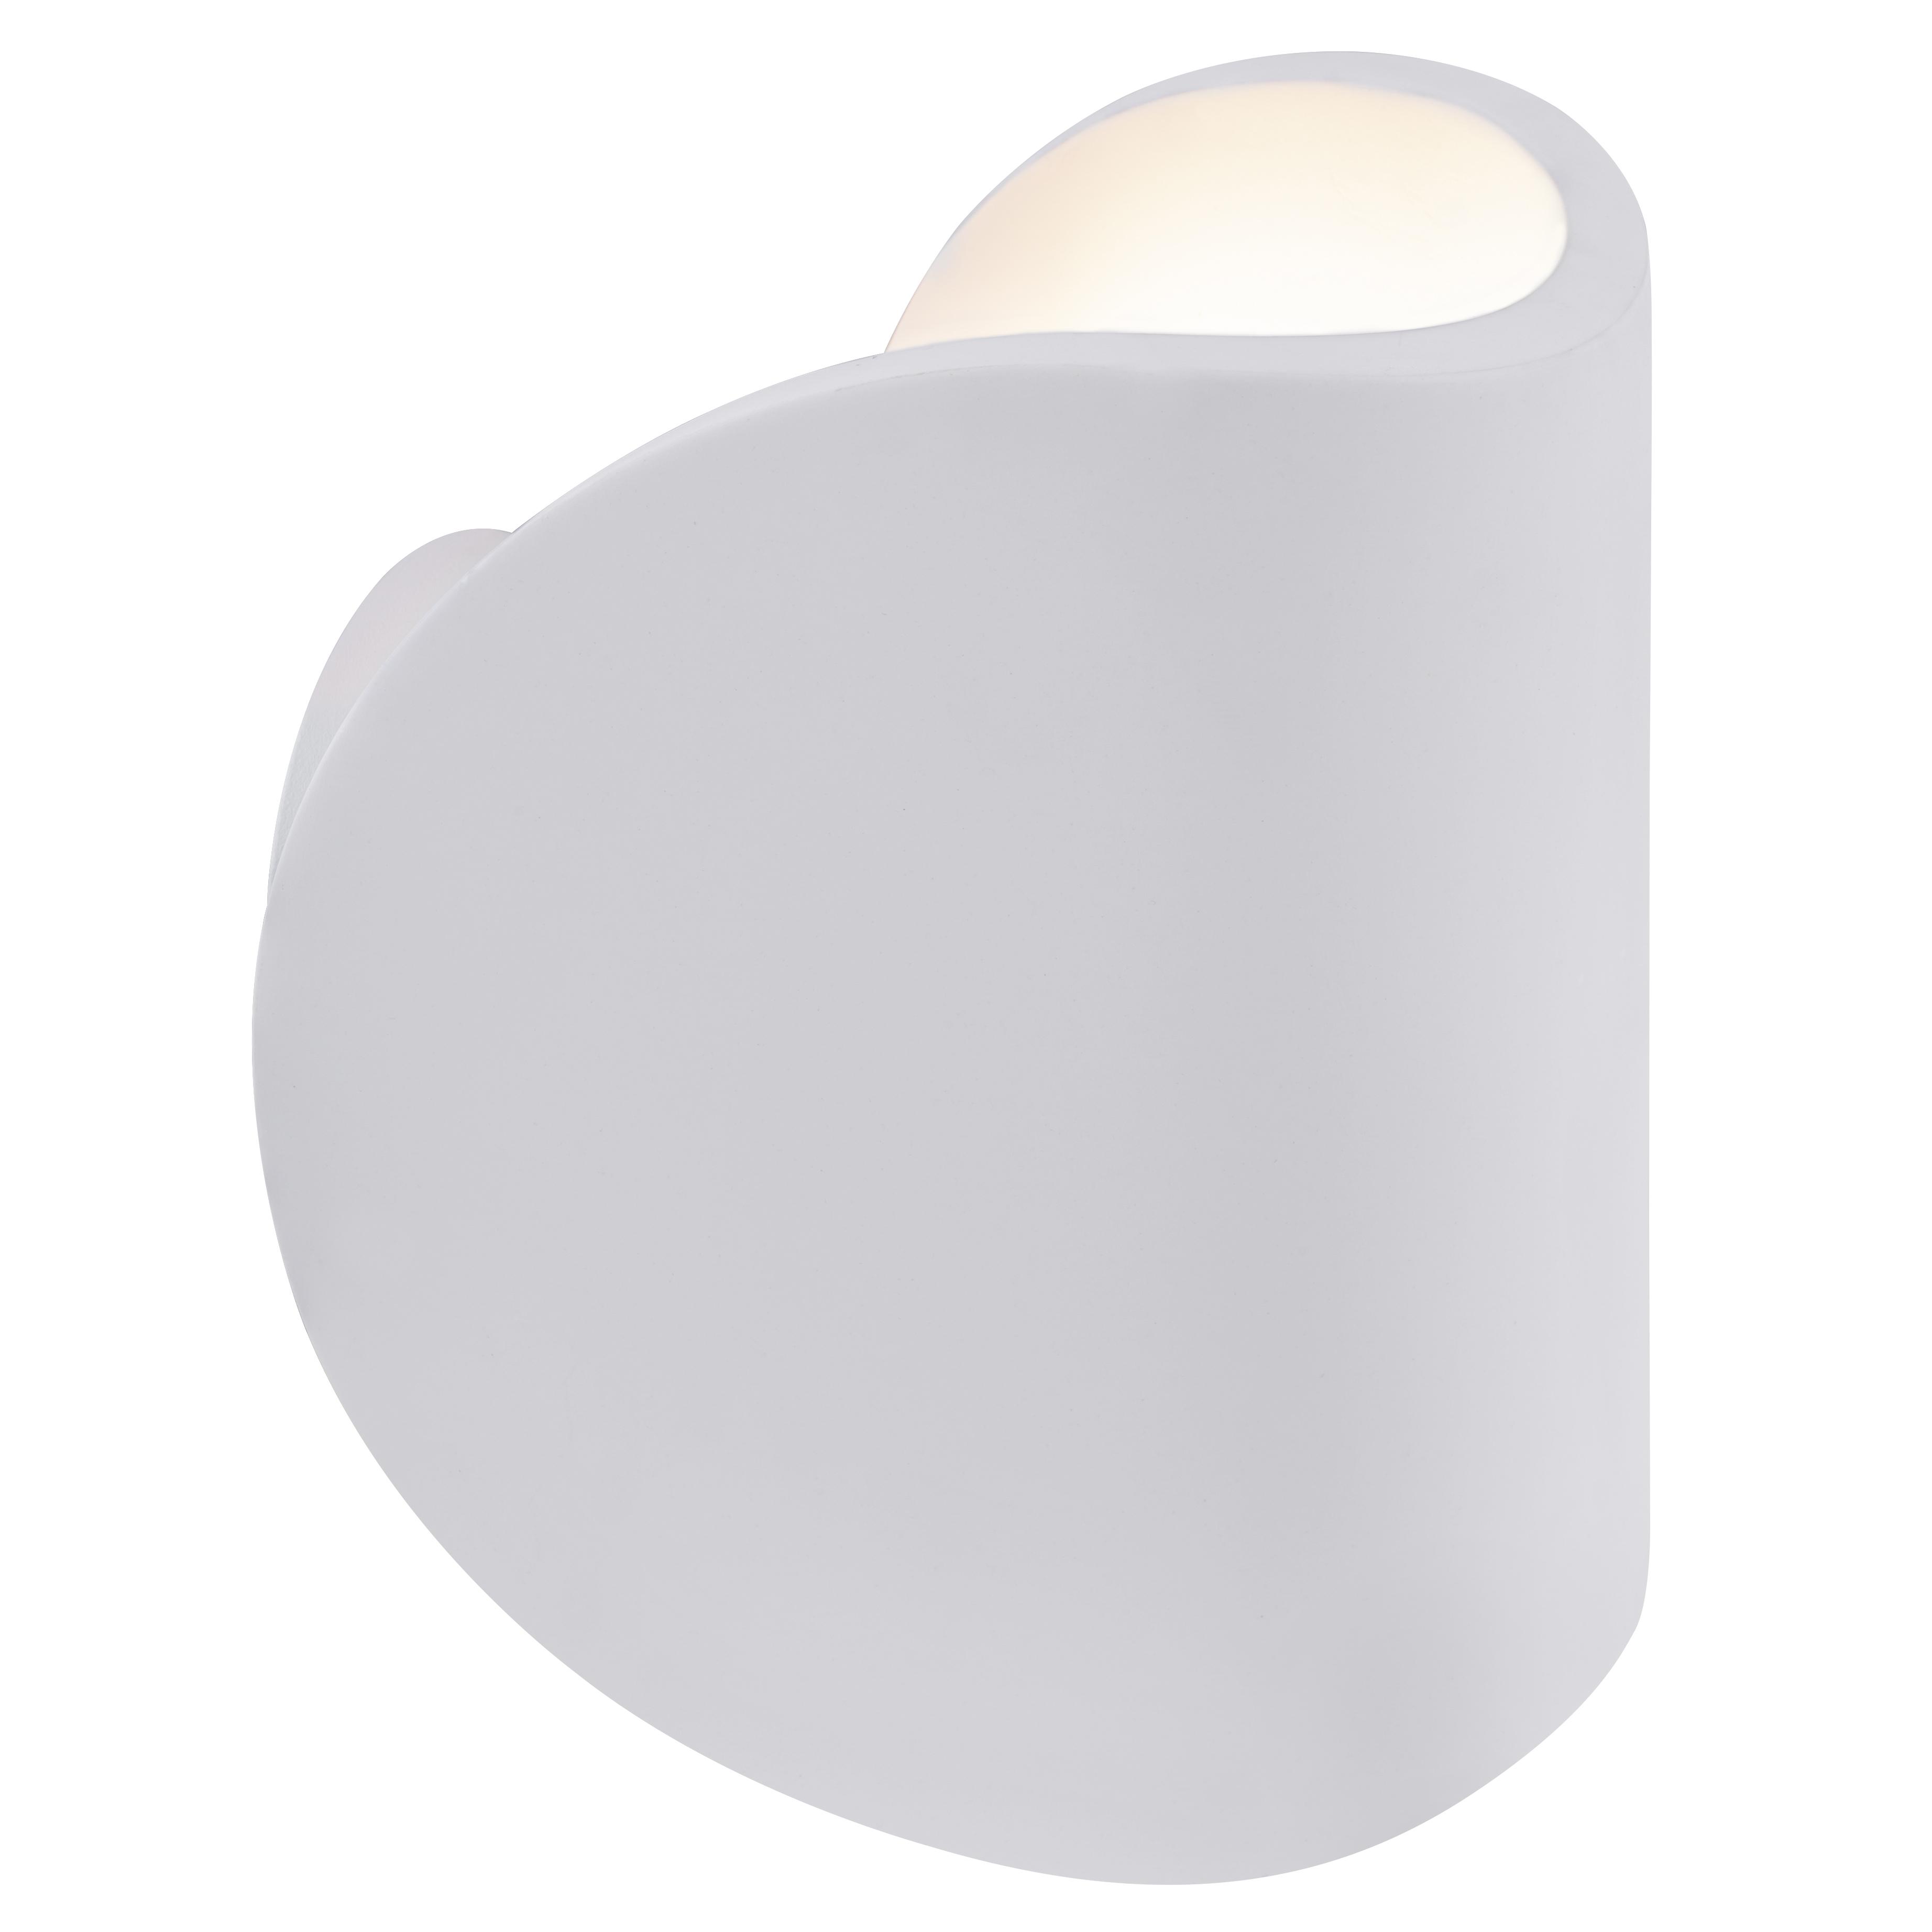 Applique en céramique blanc